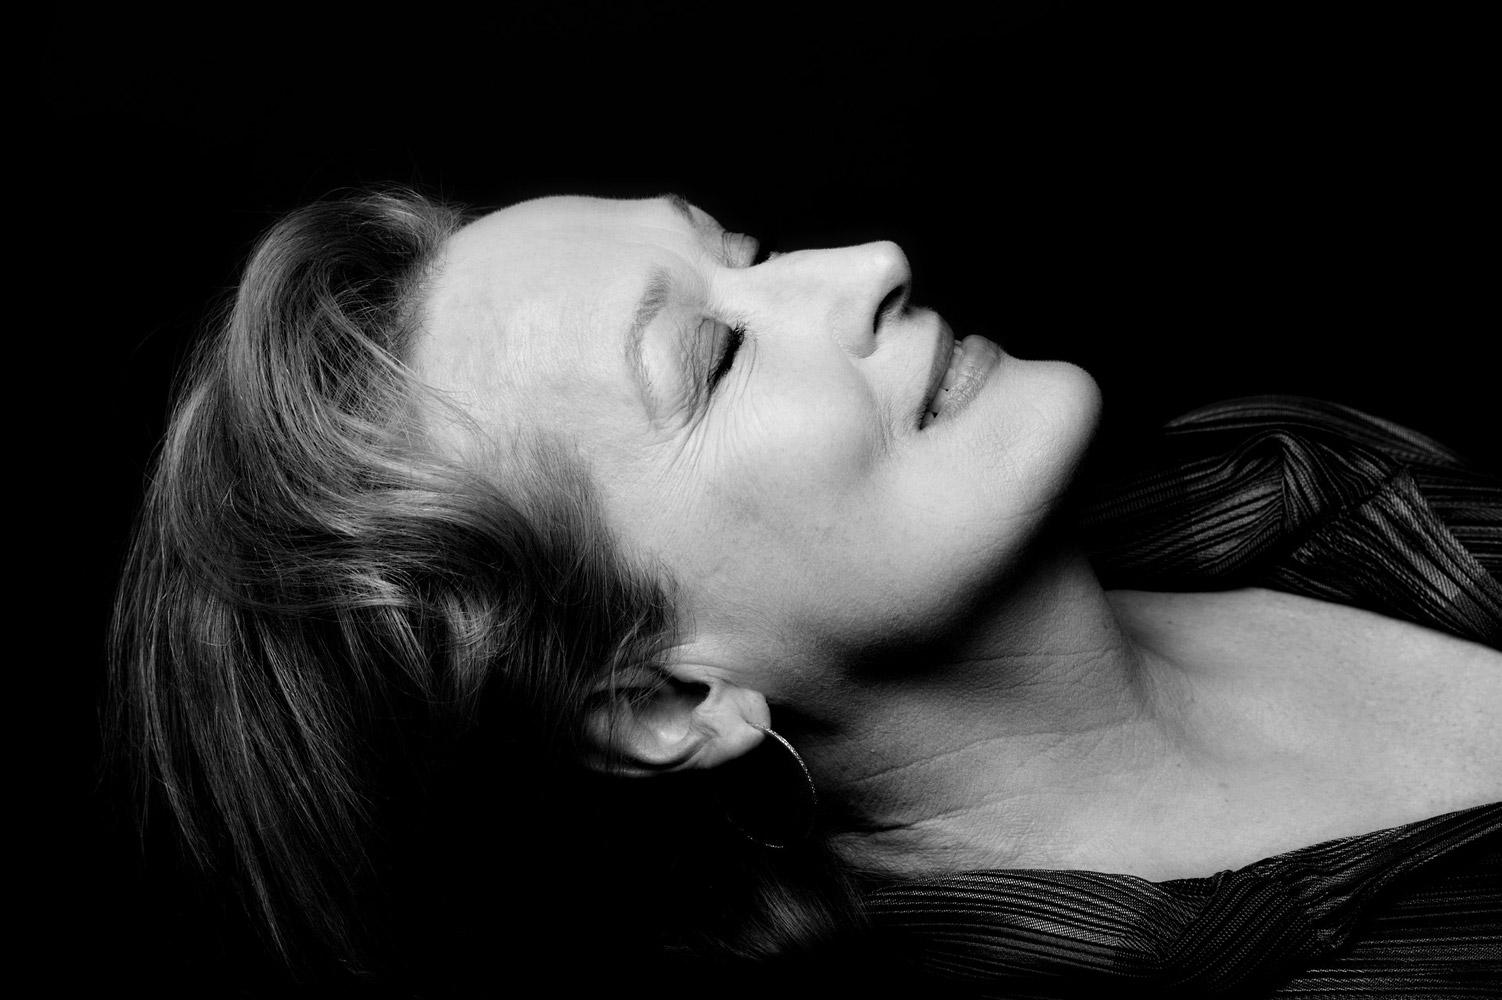 Просто Мерил, © Марвин Фредрик Джозеф, Боуи, Финалист категории «Профессионал: Знаменитости», Конкурс портретной фотографии «Лица»